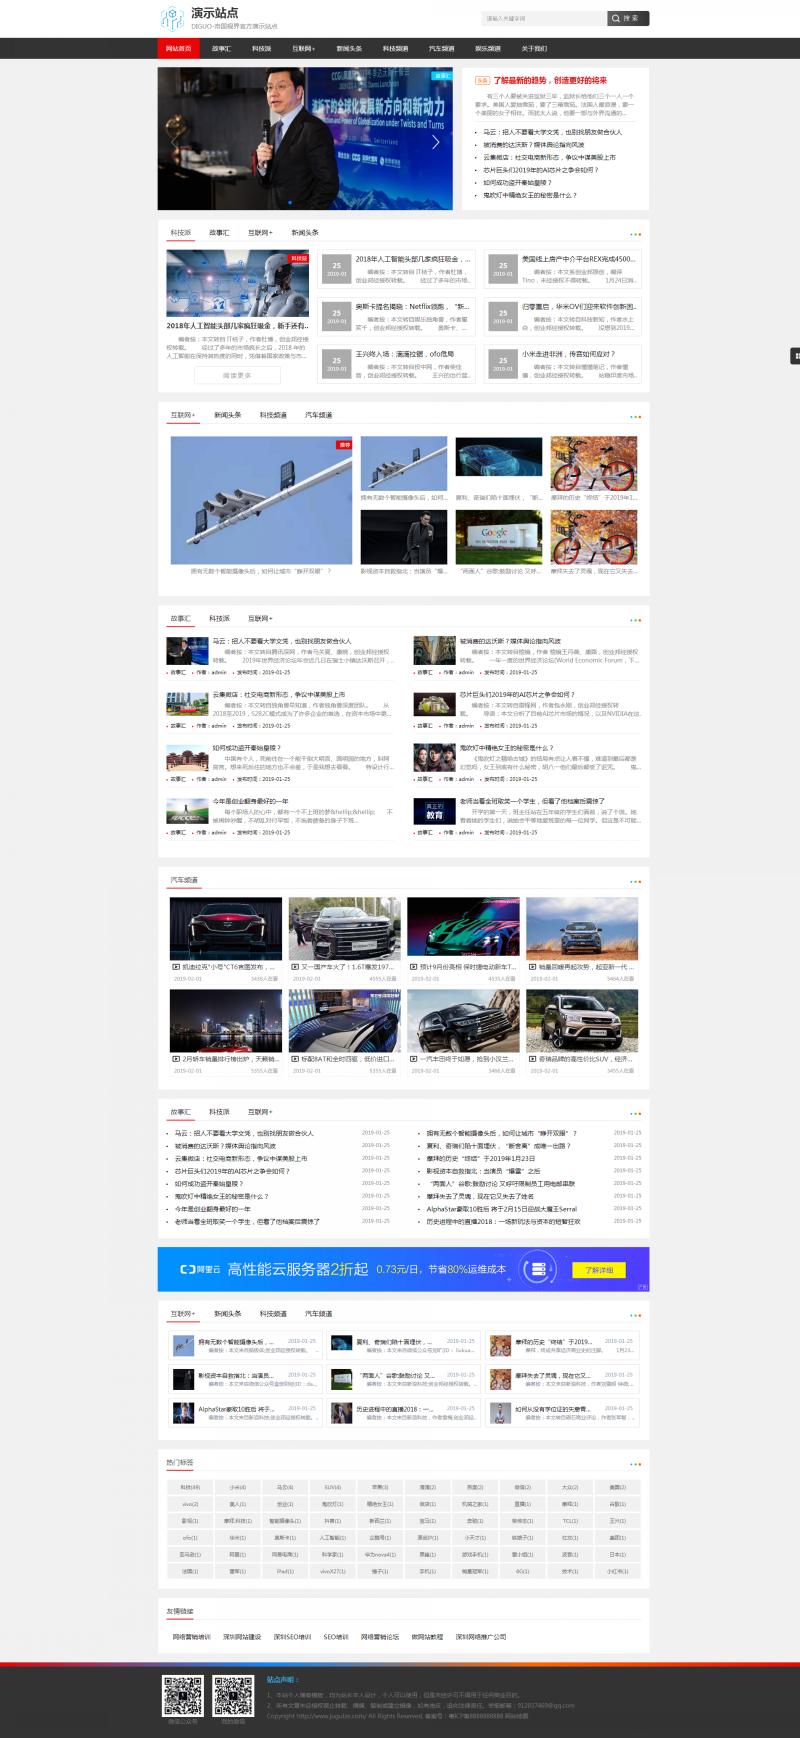 网站首页.jpg [DG-040]帝国cms模板黑色大气新闻资讯模板(黑色经典版) 新闻资讯 第1张